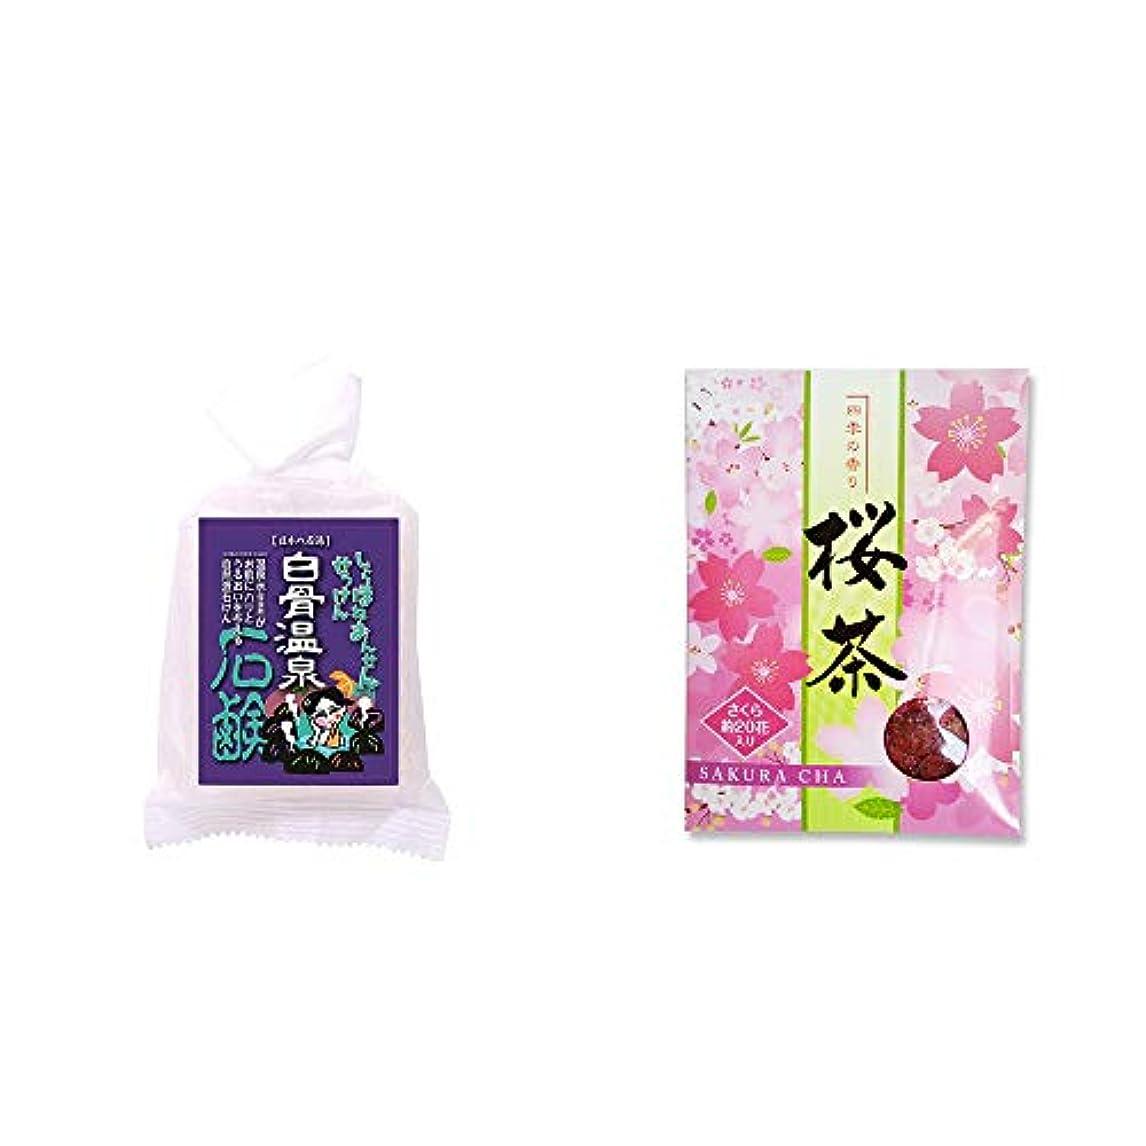 ヒステリックうめき移植[2点セット] 信州 白骨温泉石鹸(80g)?桜茶(40g)